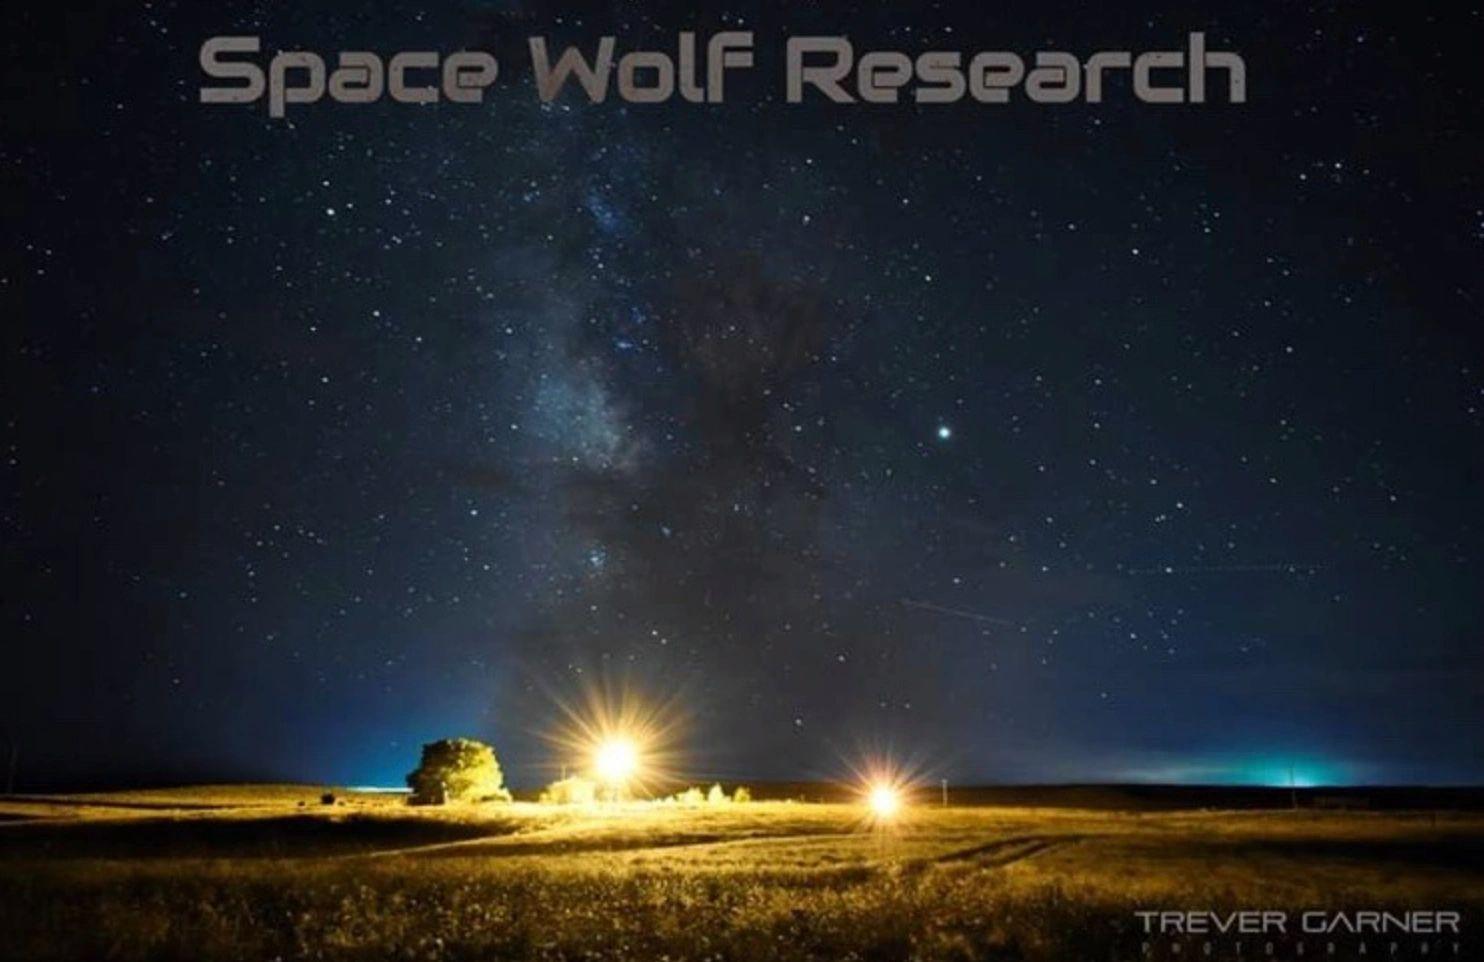 SpaceWolfResearch com - Skinwalker, Alien, Ufo